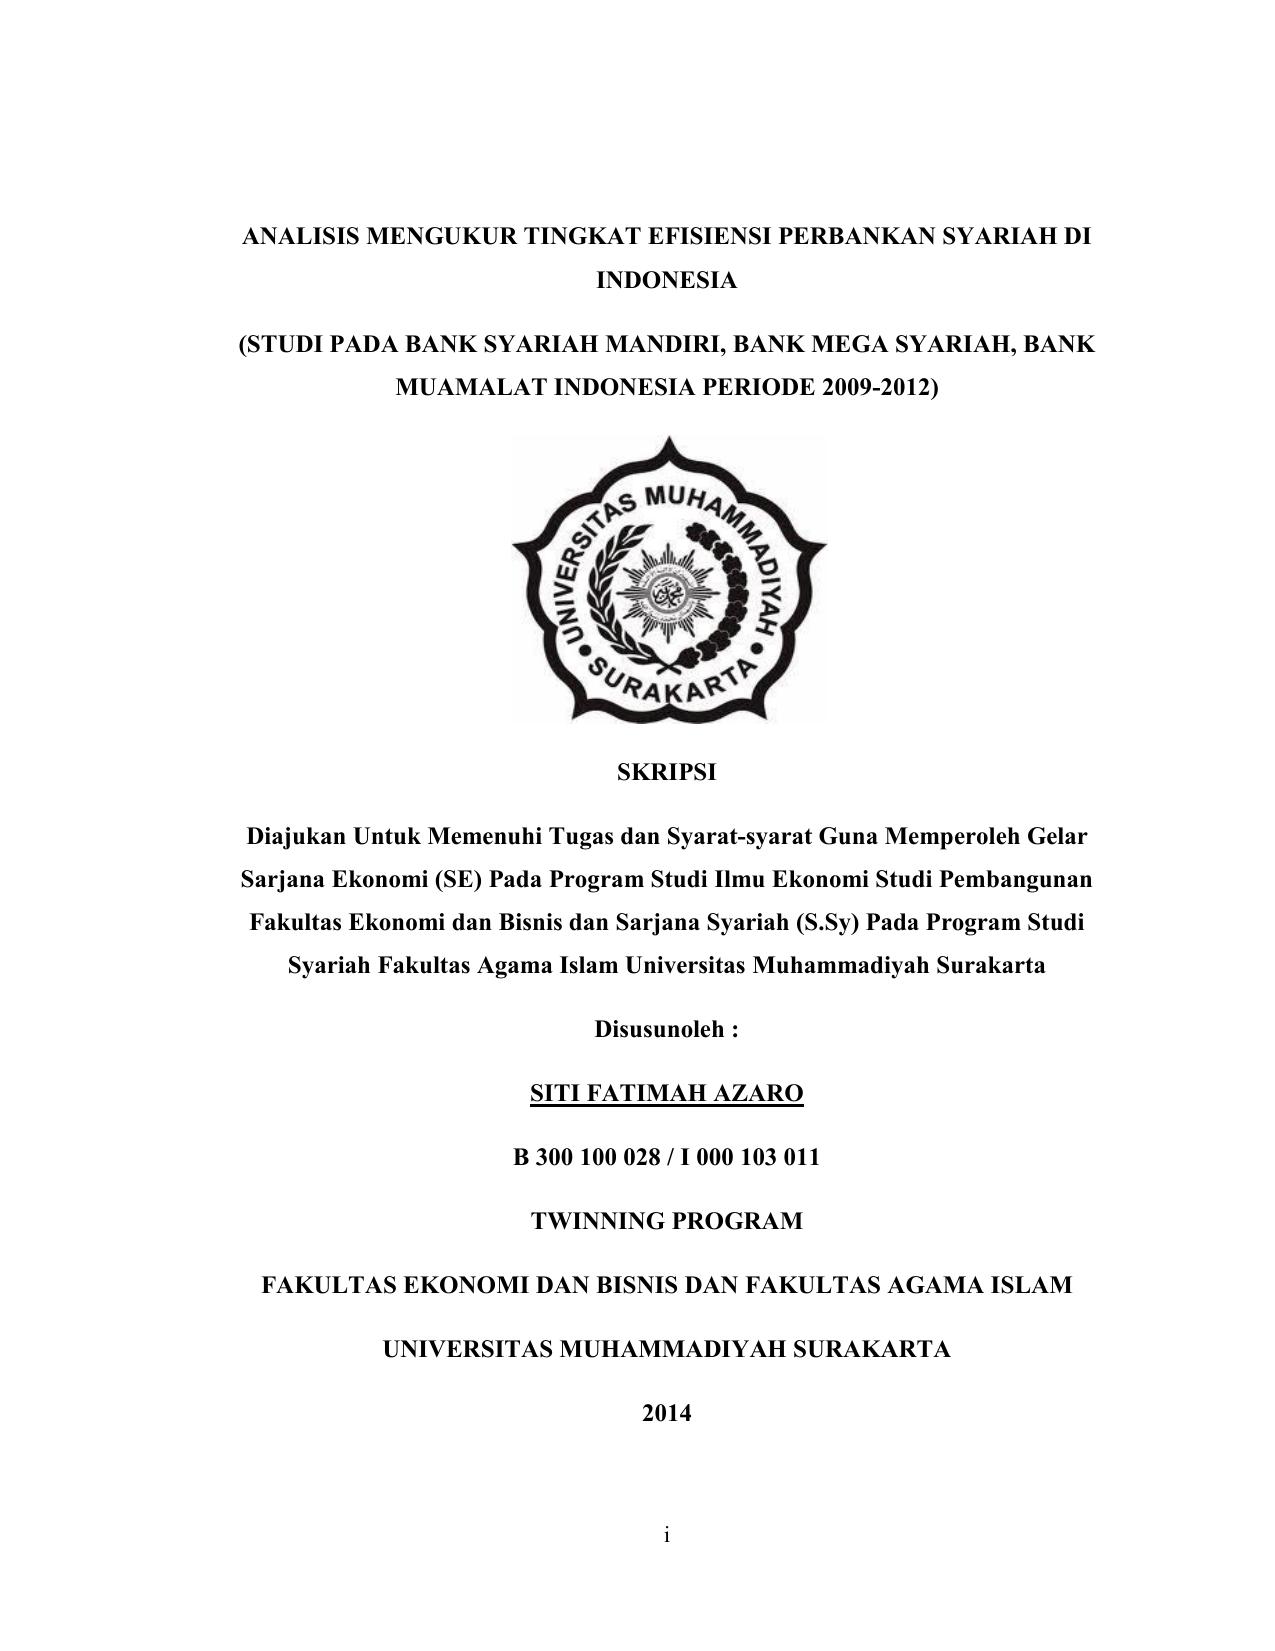 Analisis Mengukur Tingkat Efisiensi Perbankan Syariah Di Indonesia